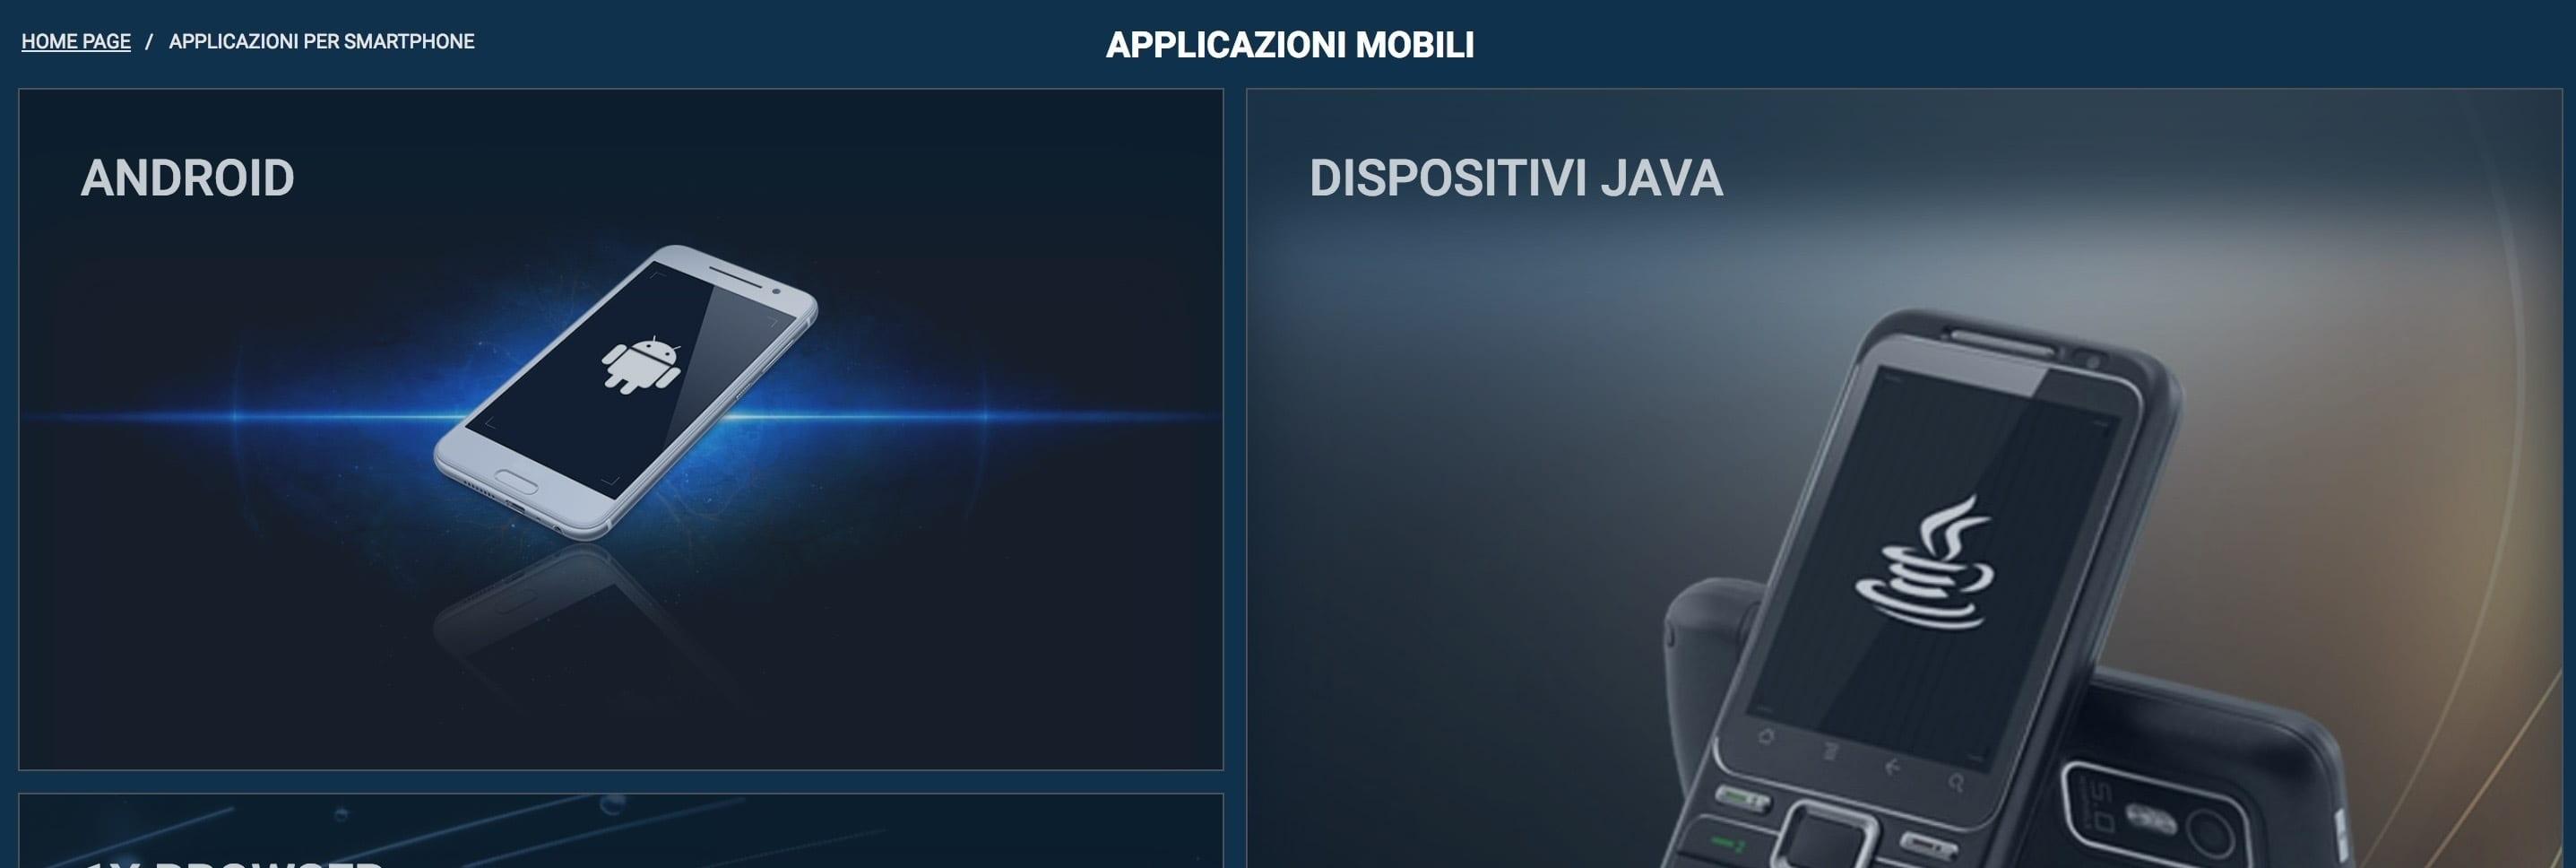 1xbet applicazione mobile